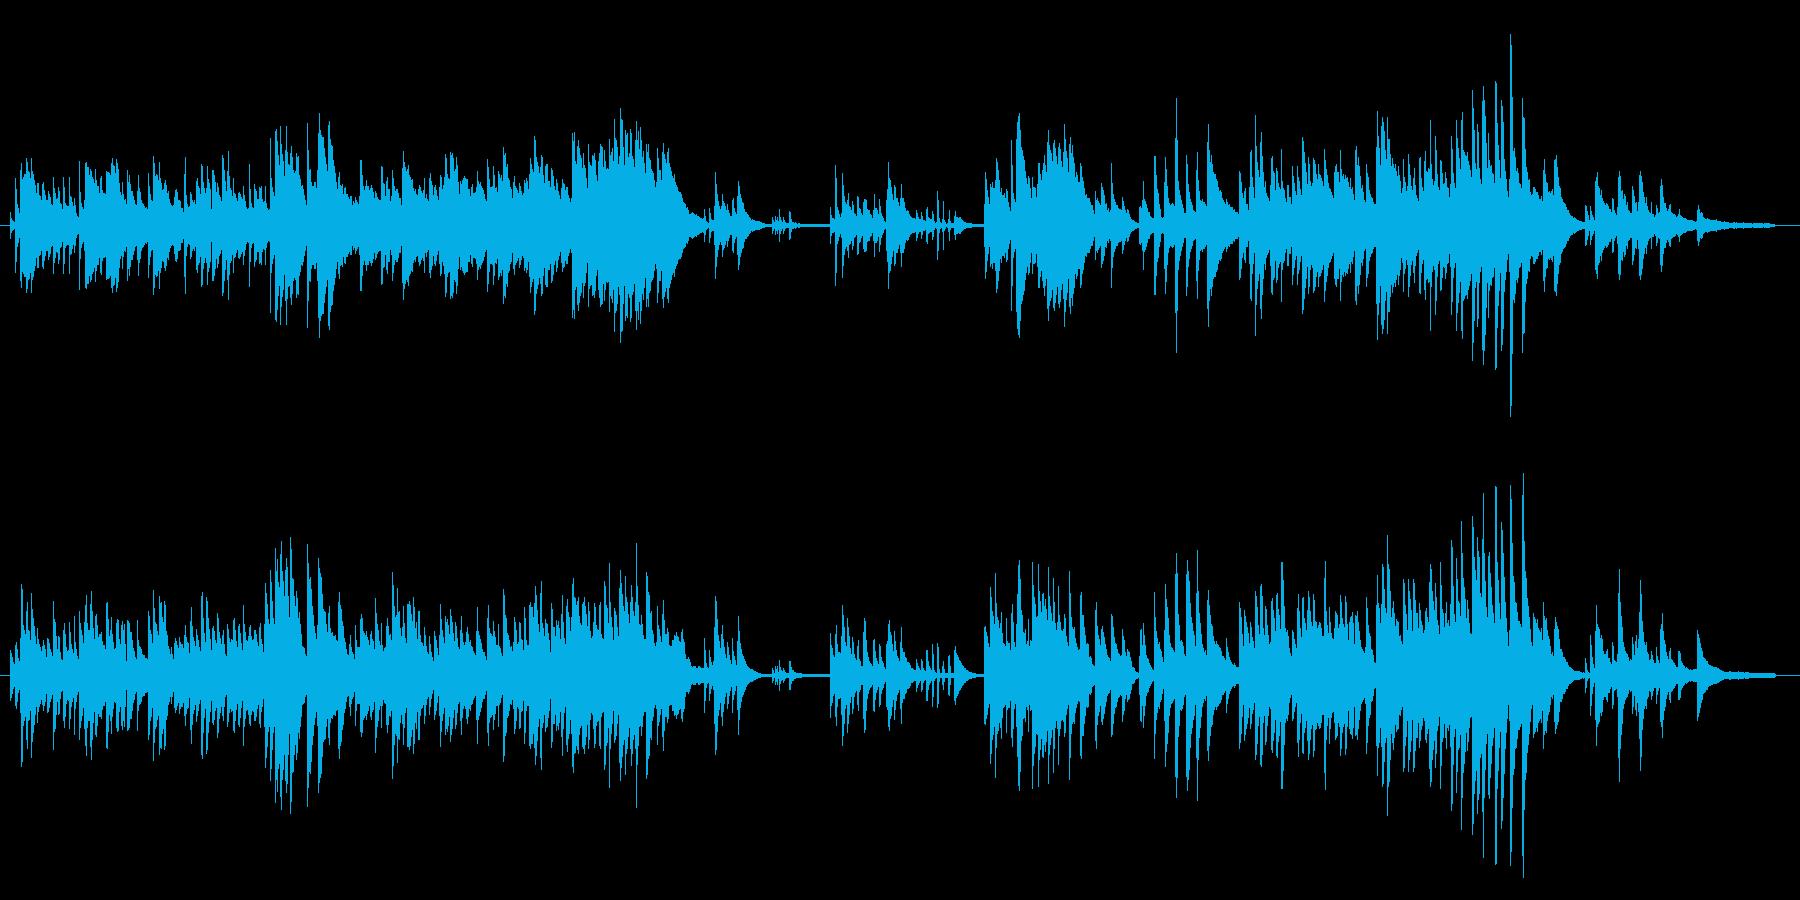 「心安らぐピアノソロ」の再生済みの波形